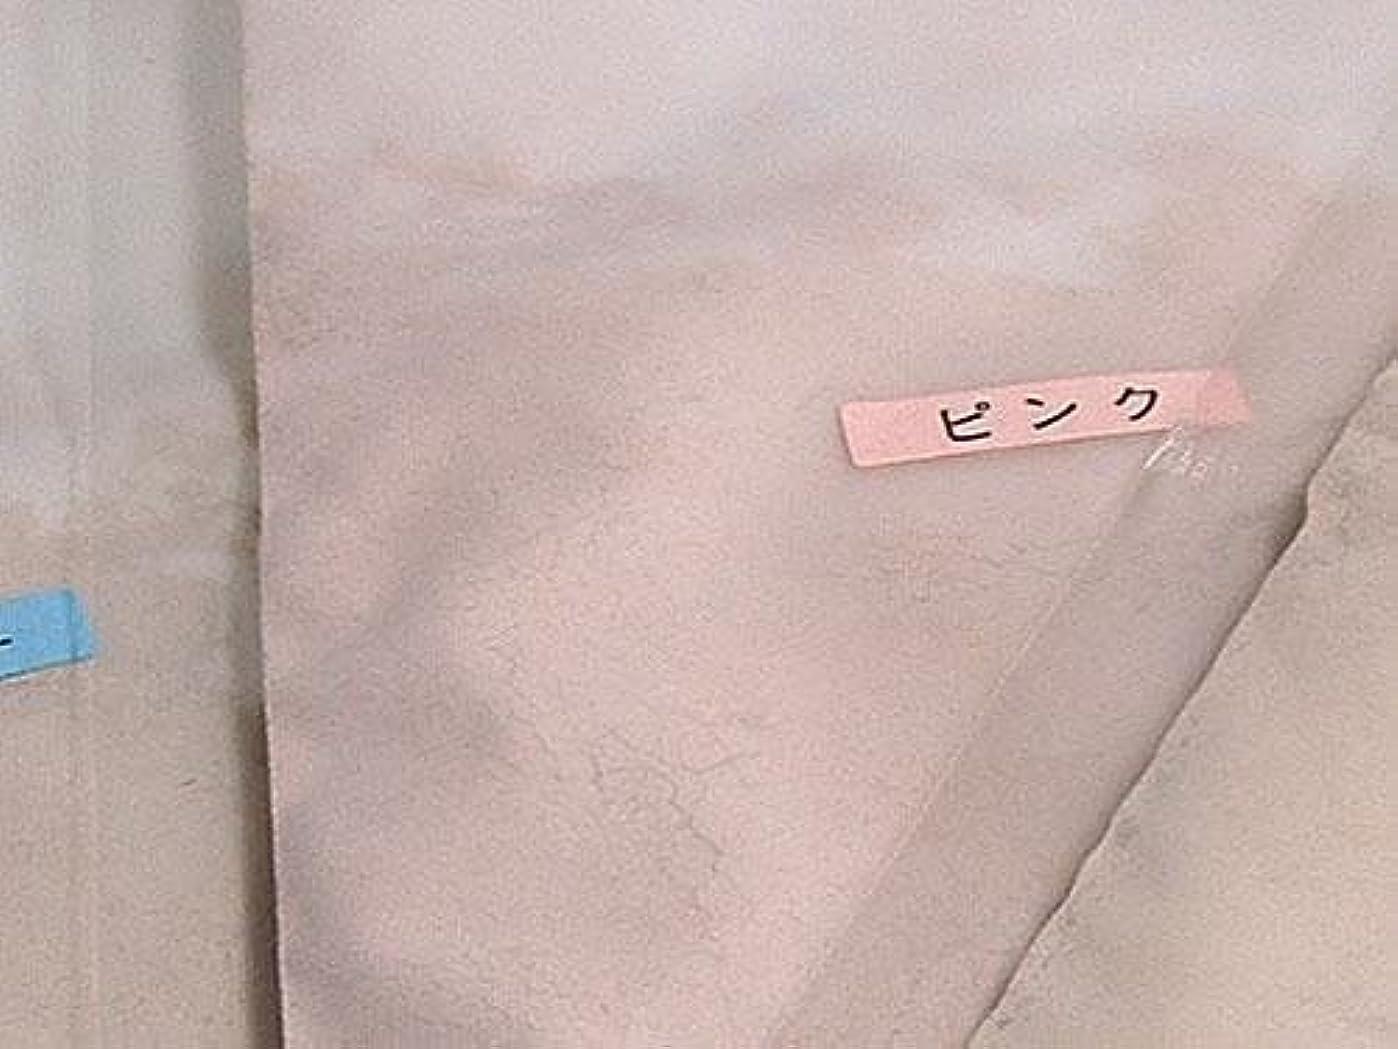 ランタン奇妙な暖かさ薫寿堂のお香制作セット お香パウダー ピンク 単品